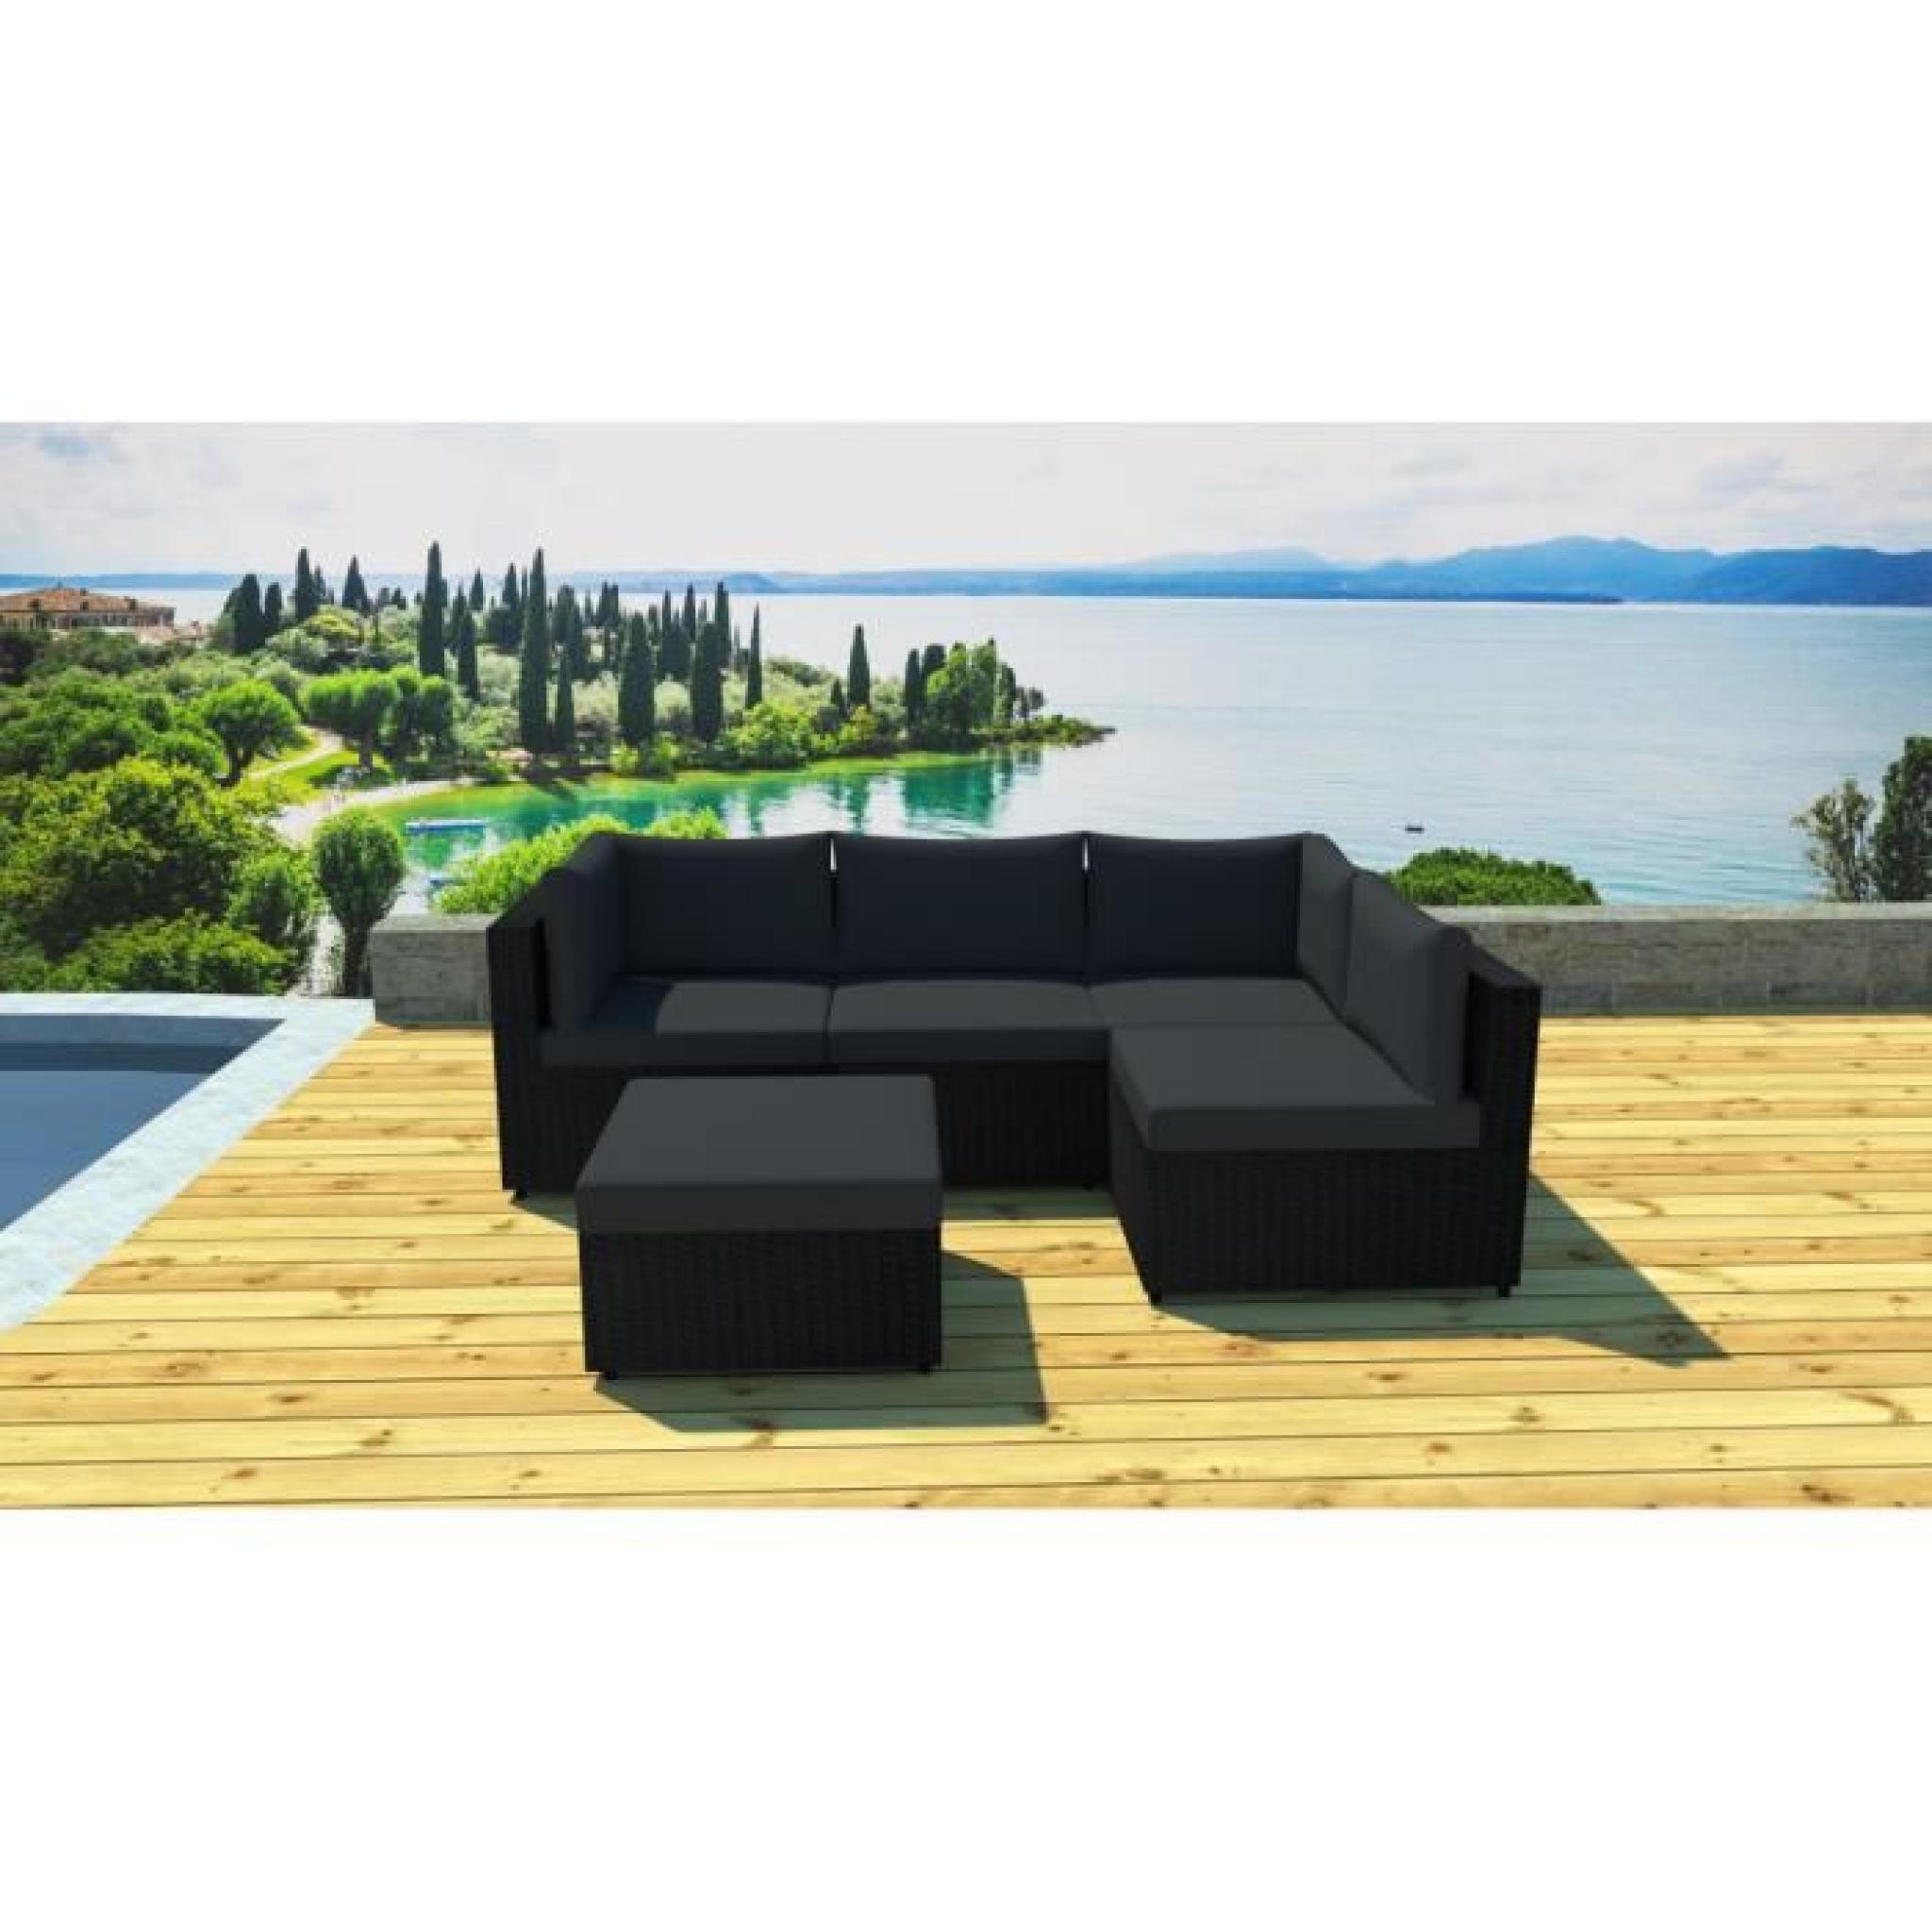 Salon de jardin modulable 5 places en résine Noir/noir - Achat/Vente ...